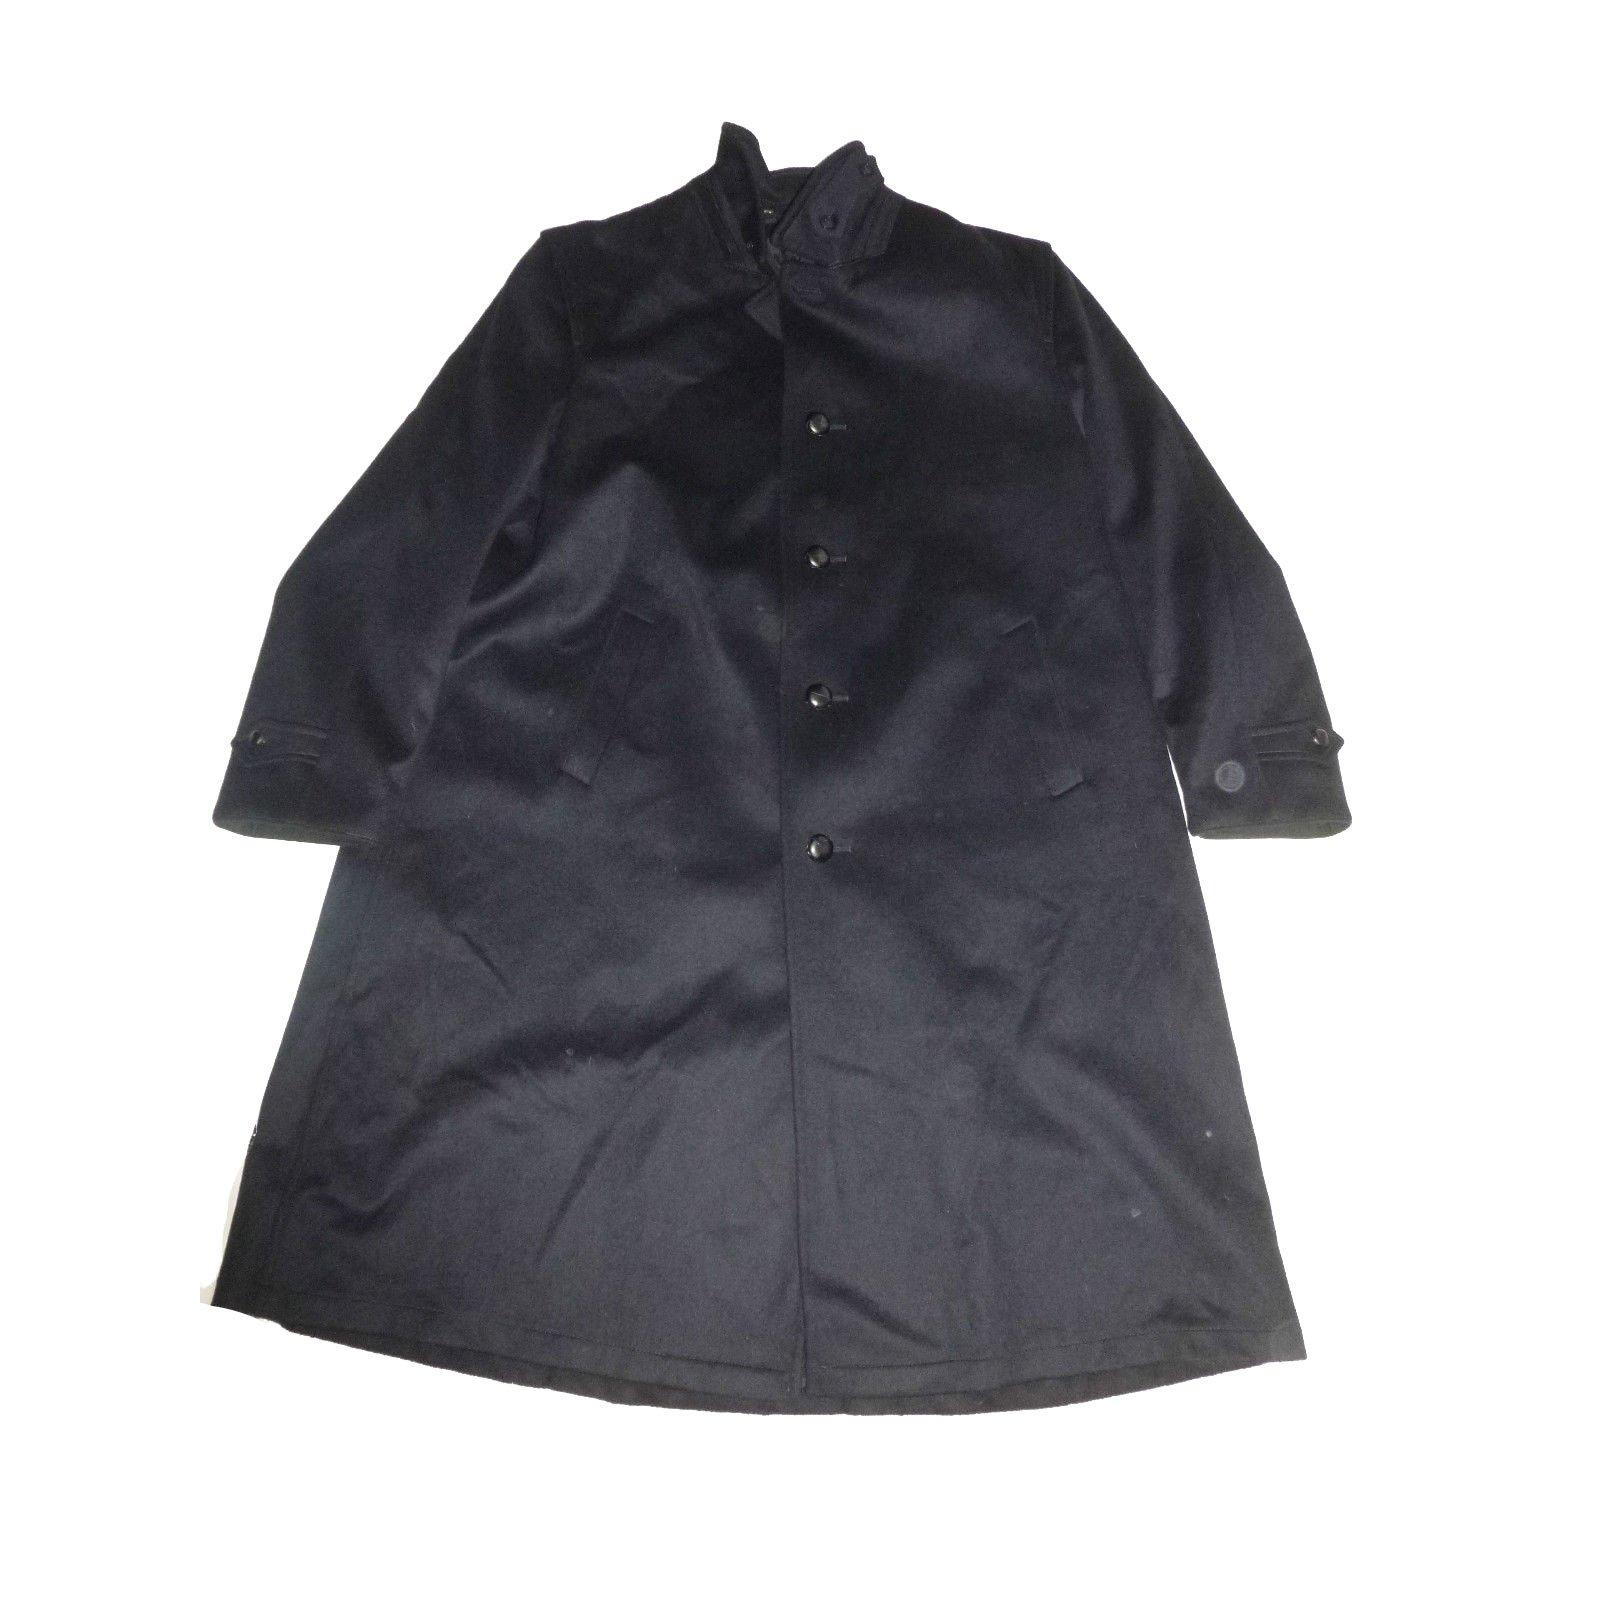 manteaux homme autre marque manteau homme laine bleu. Black Bedroom Furniture Sets. Home Design Ideas